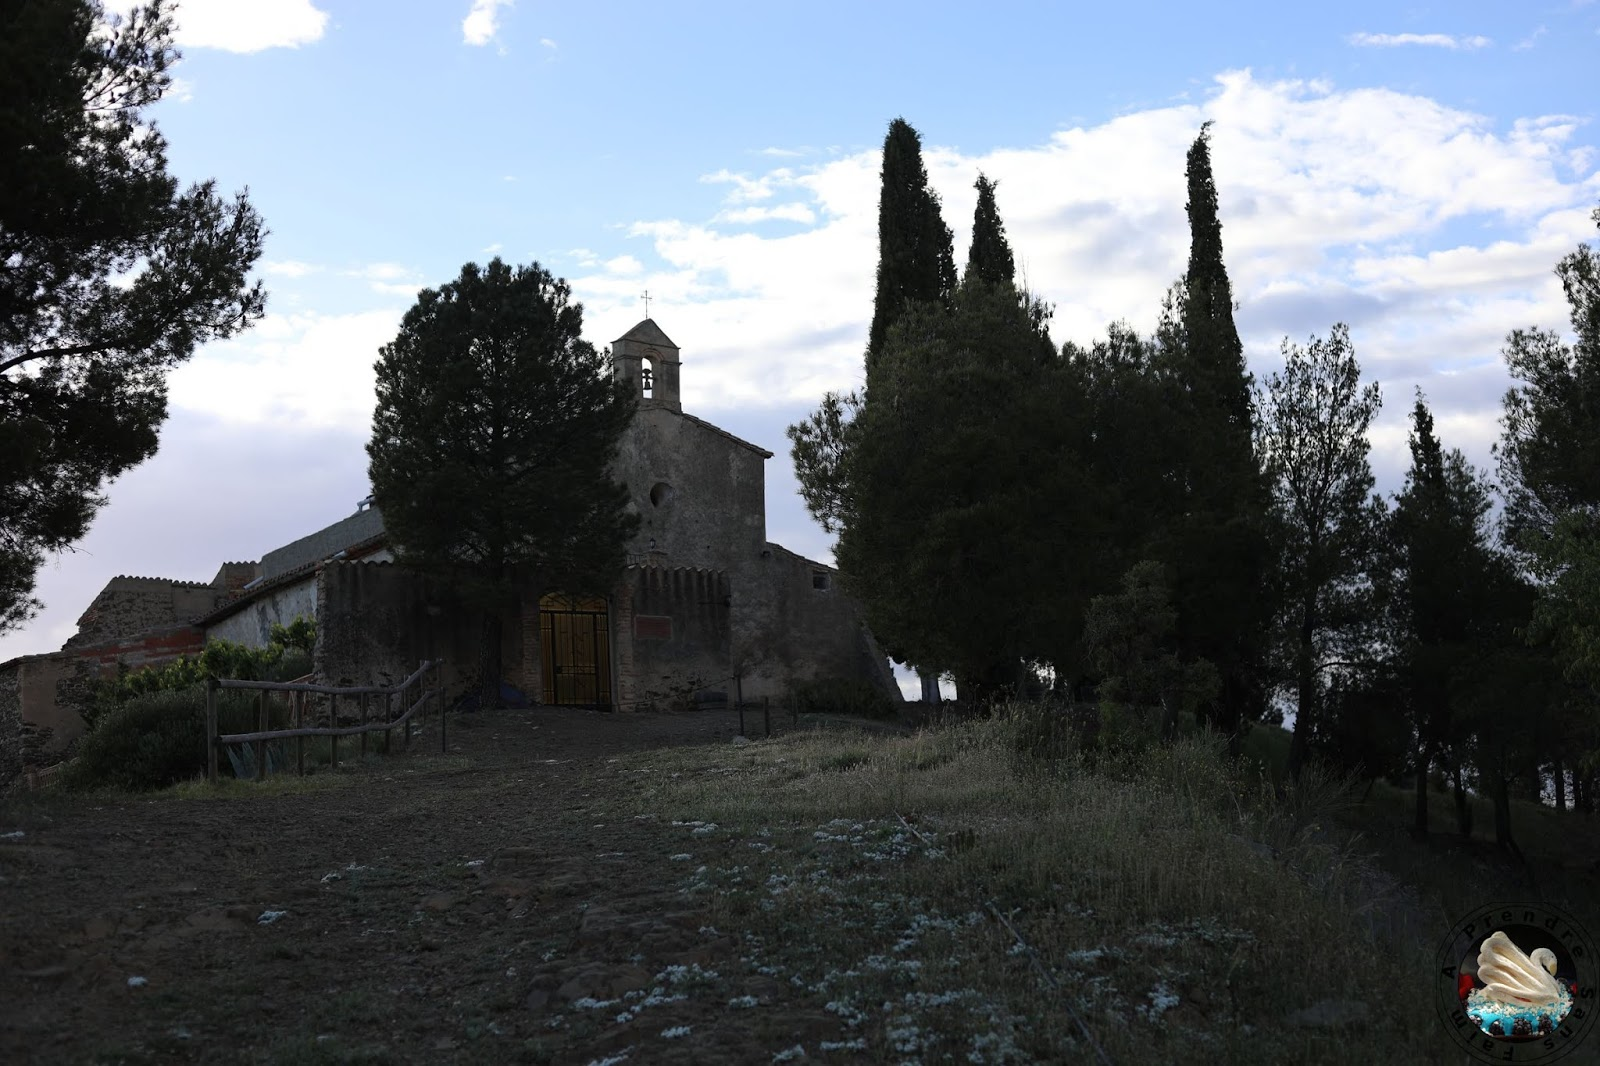 Le vignoble d'Alvaro Palacios : admirer les paysages à l'origine de son vin L'Ermita